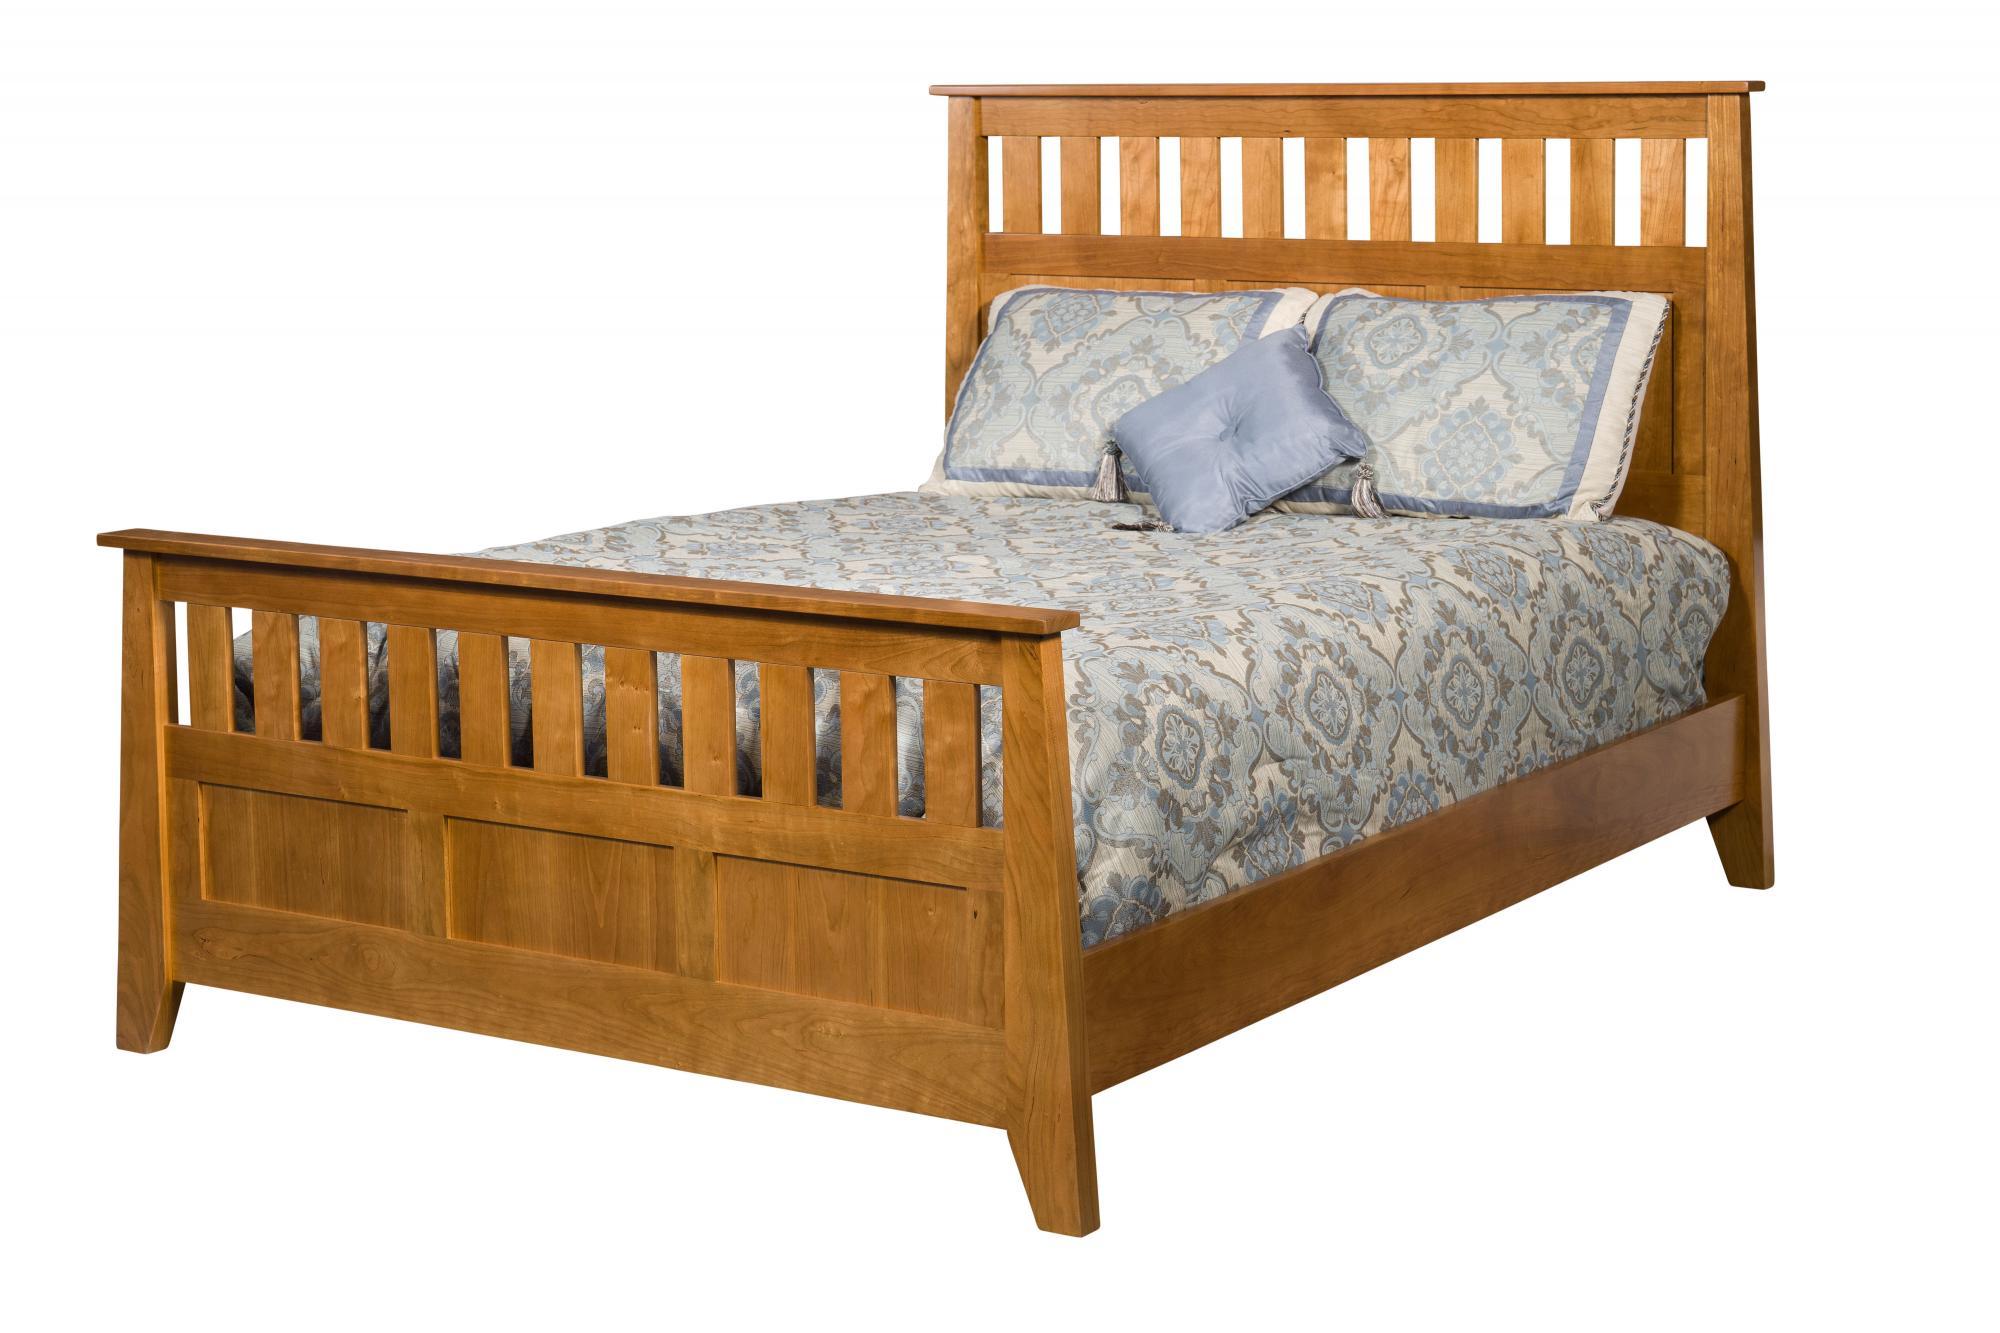 Berwick Combo Bed Amish Furniture Store Mankato Mn